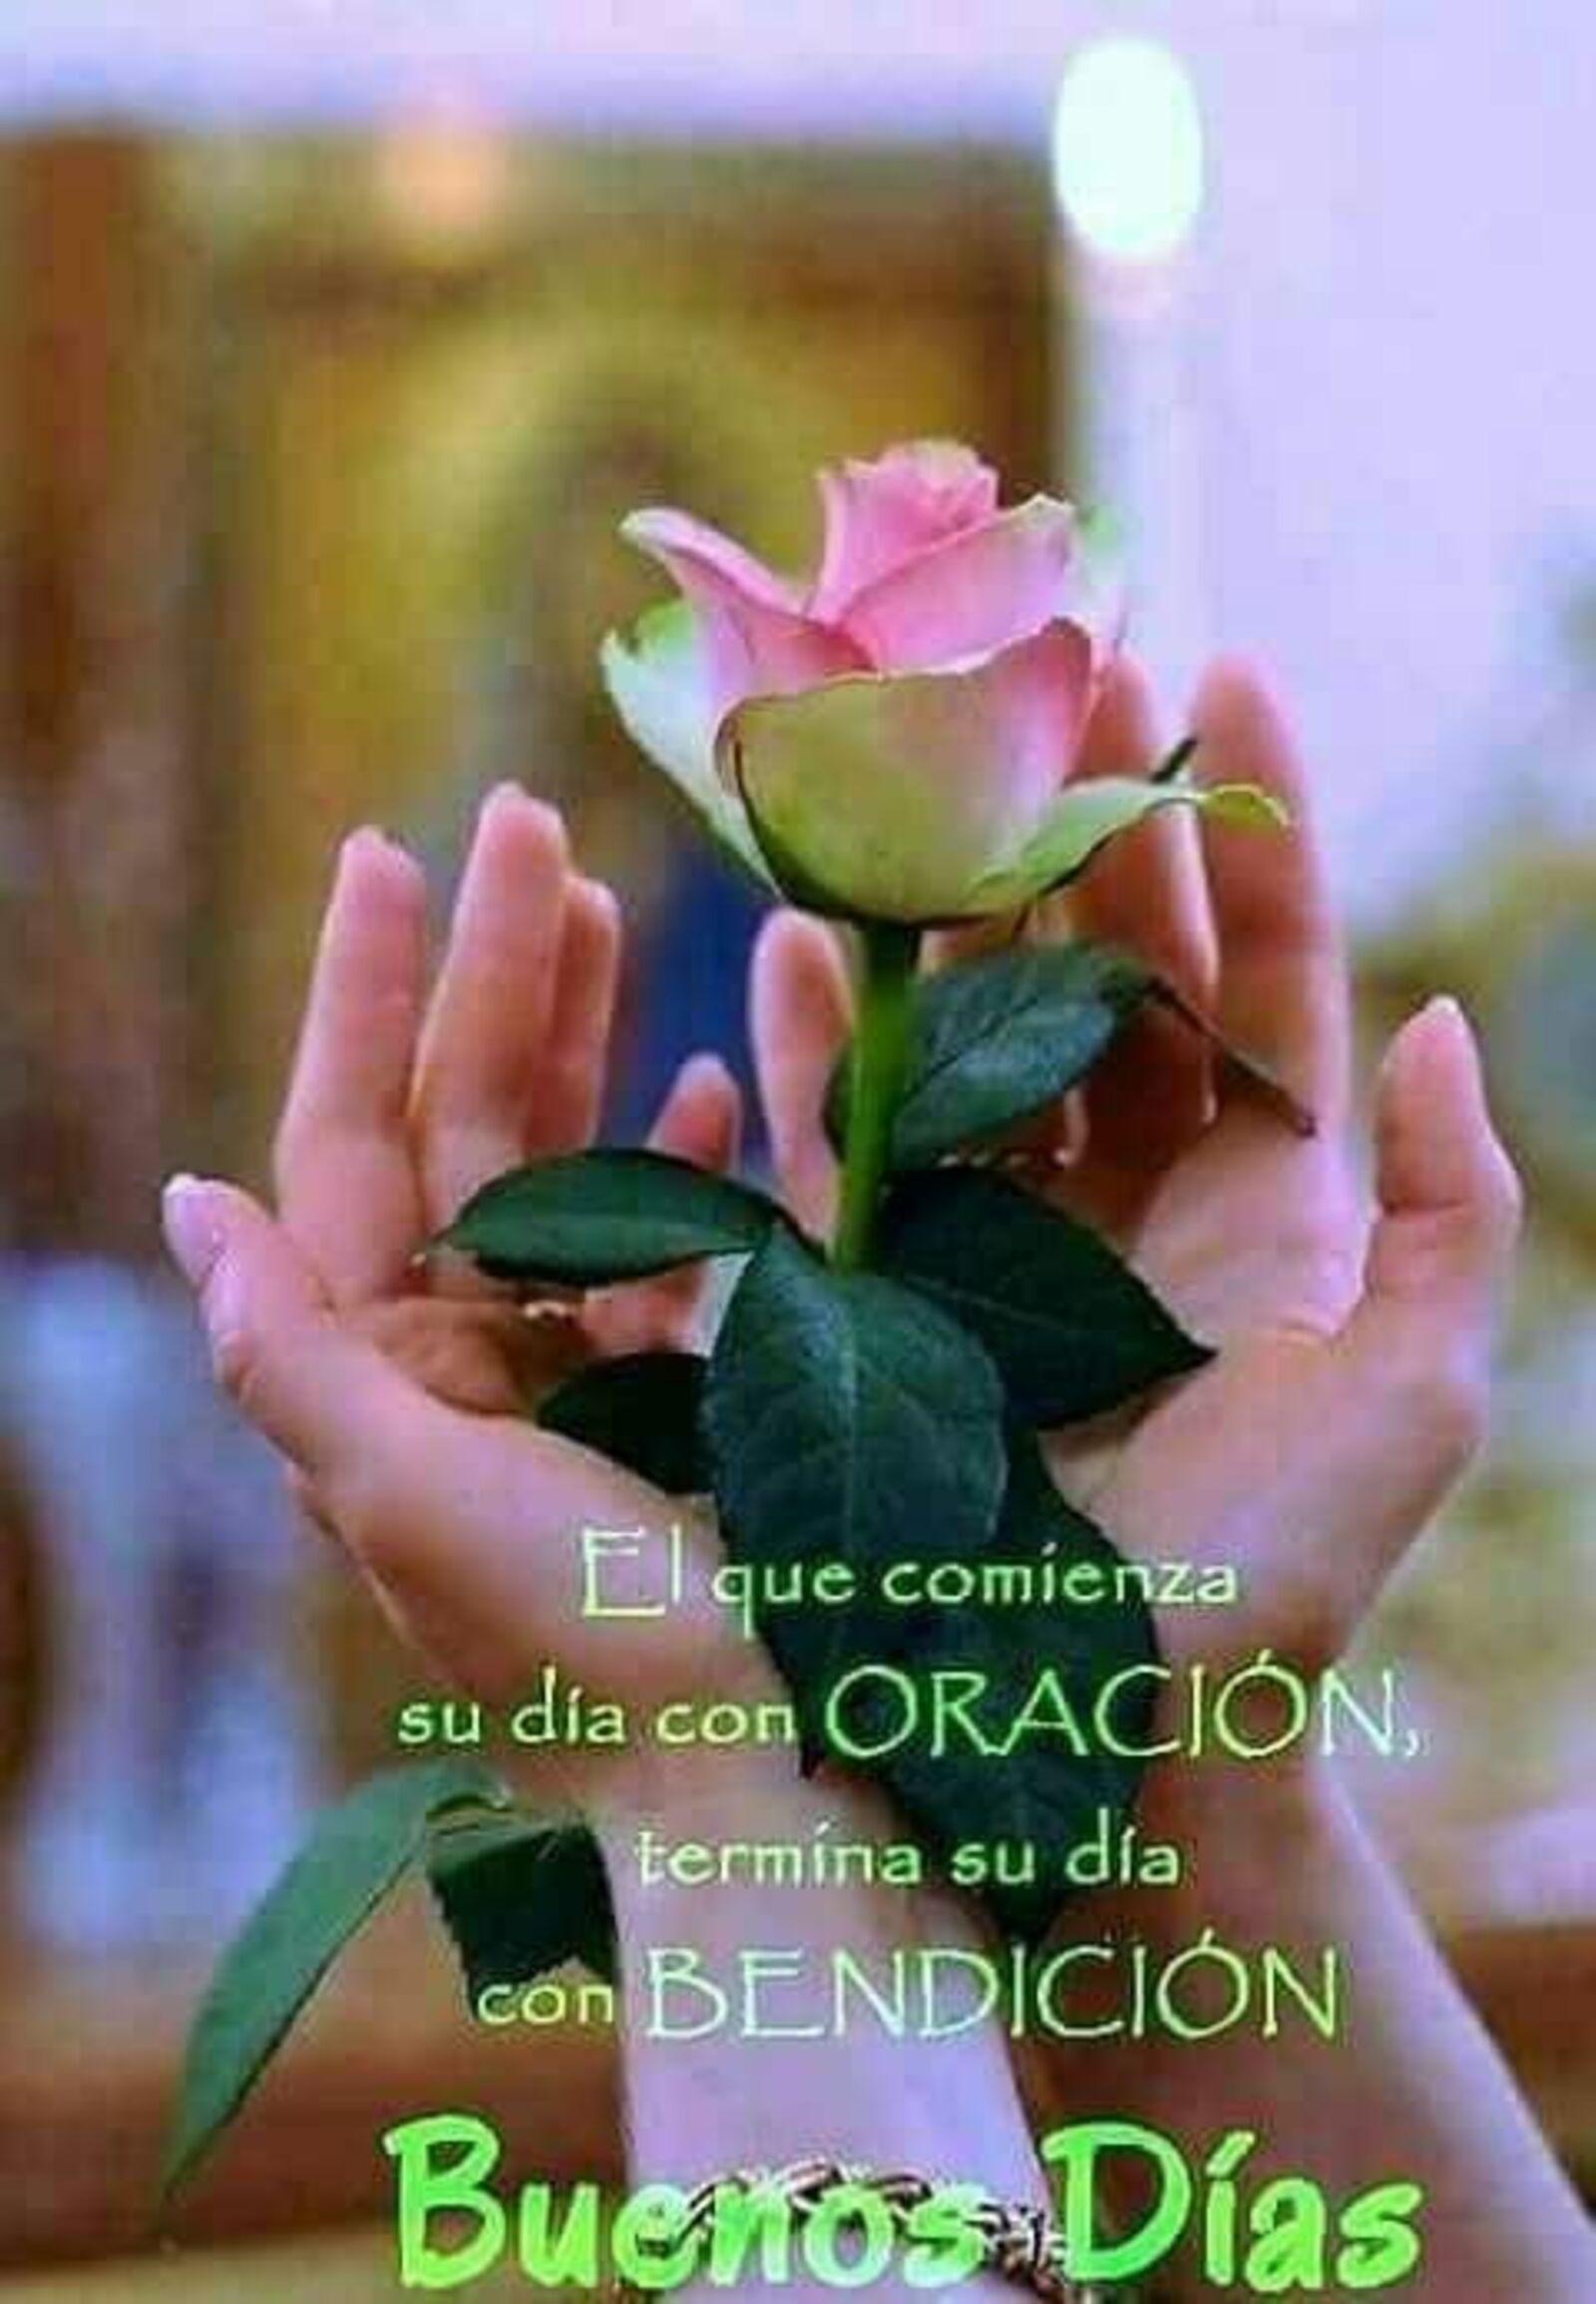 El que comienza su día con oración termina su día con bendición. Buenos días